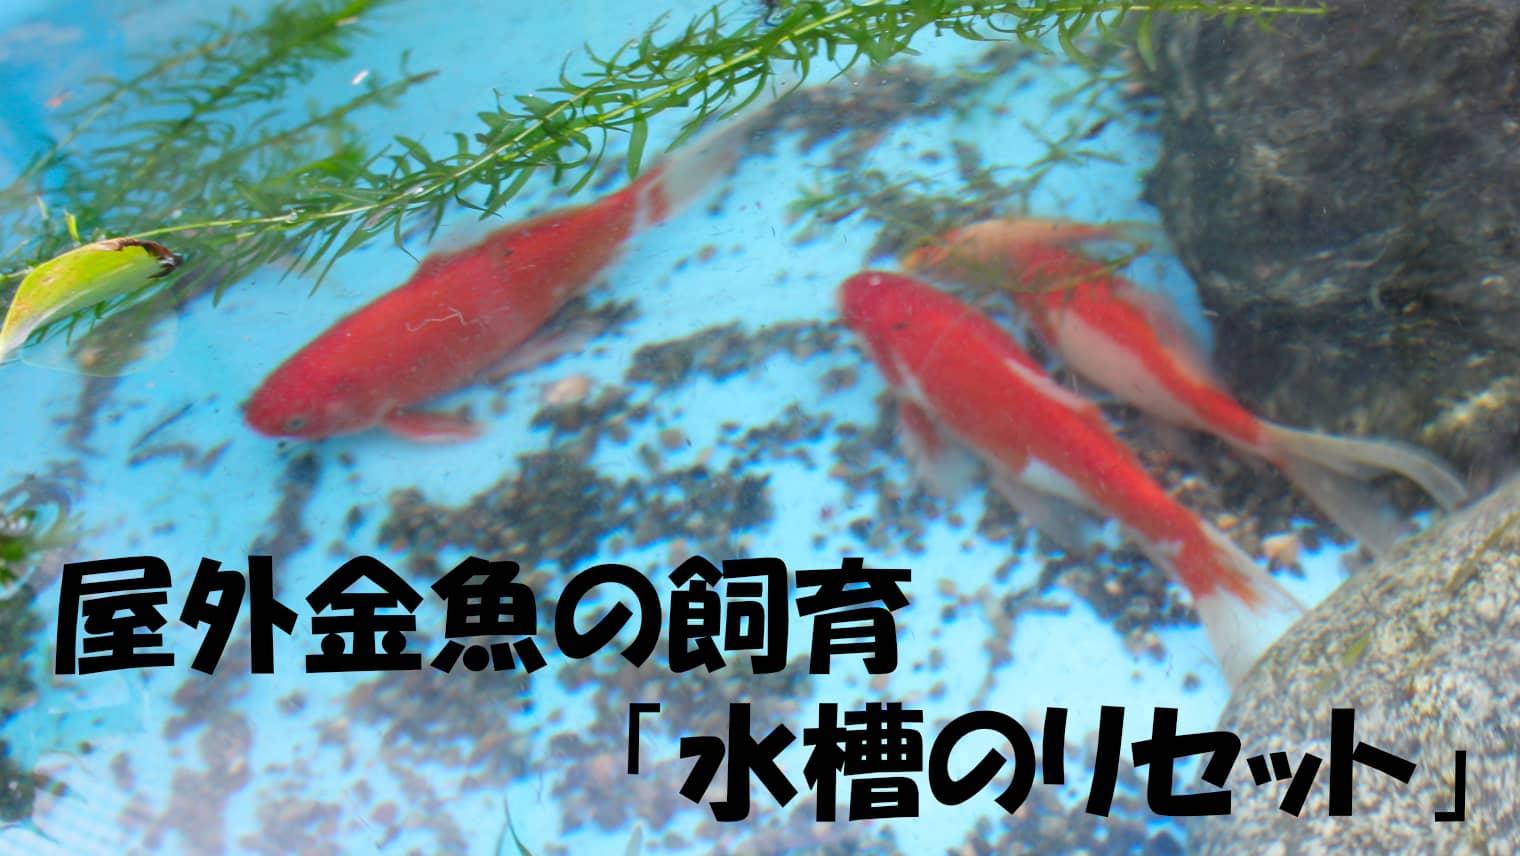 屋外金魚の飼育「水槽のリセット」